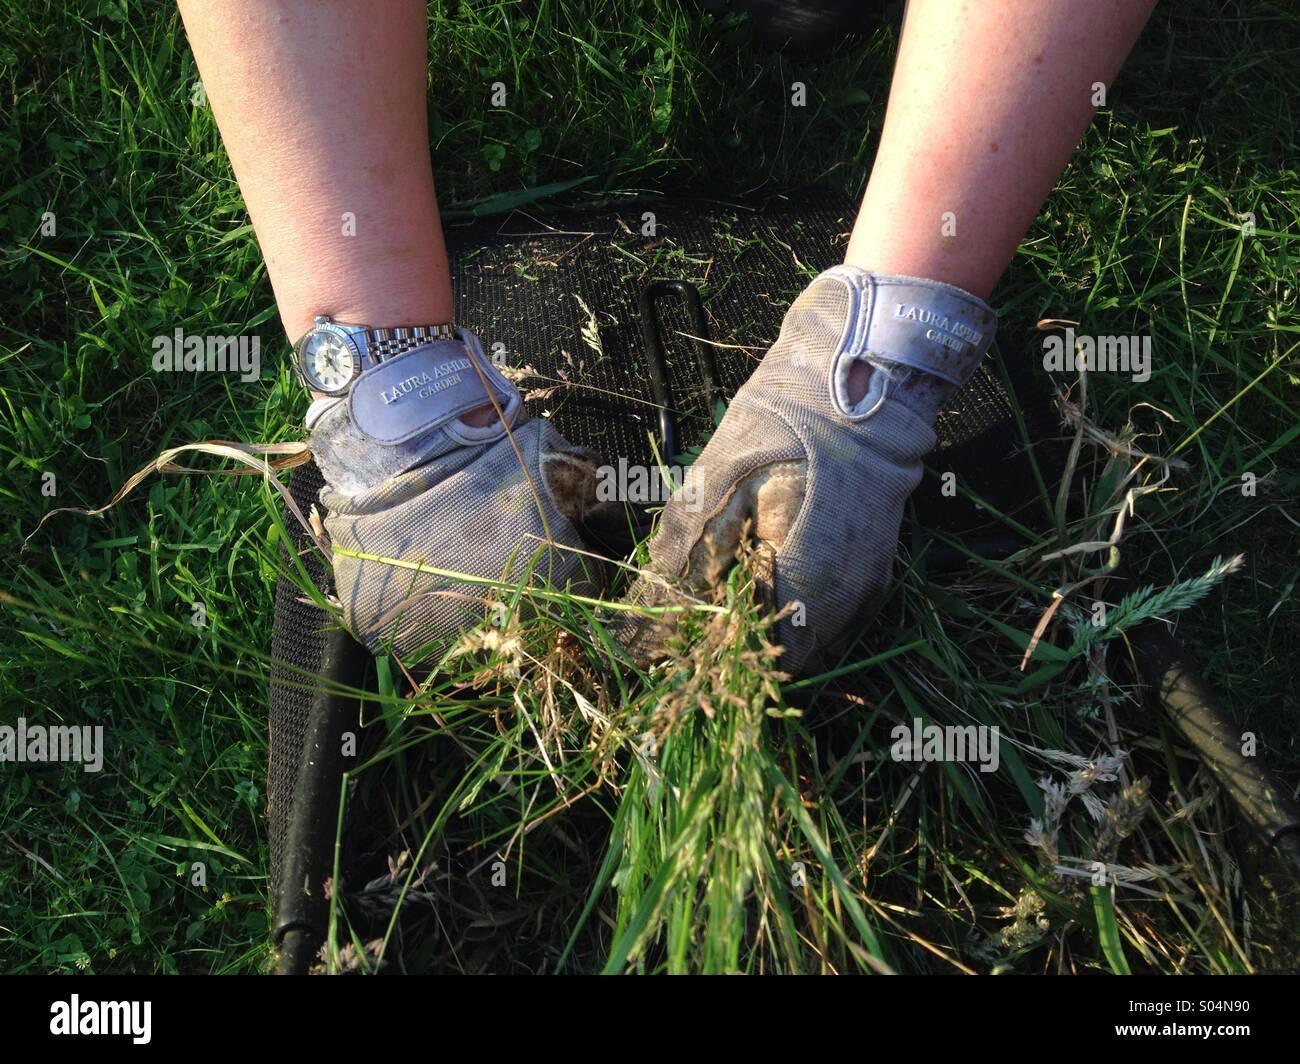 Posh Gardener - Stock Image